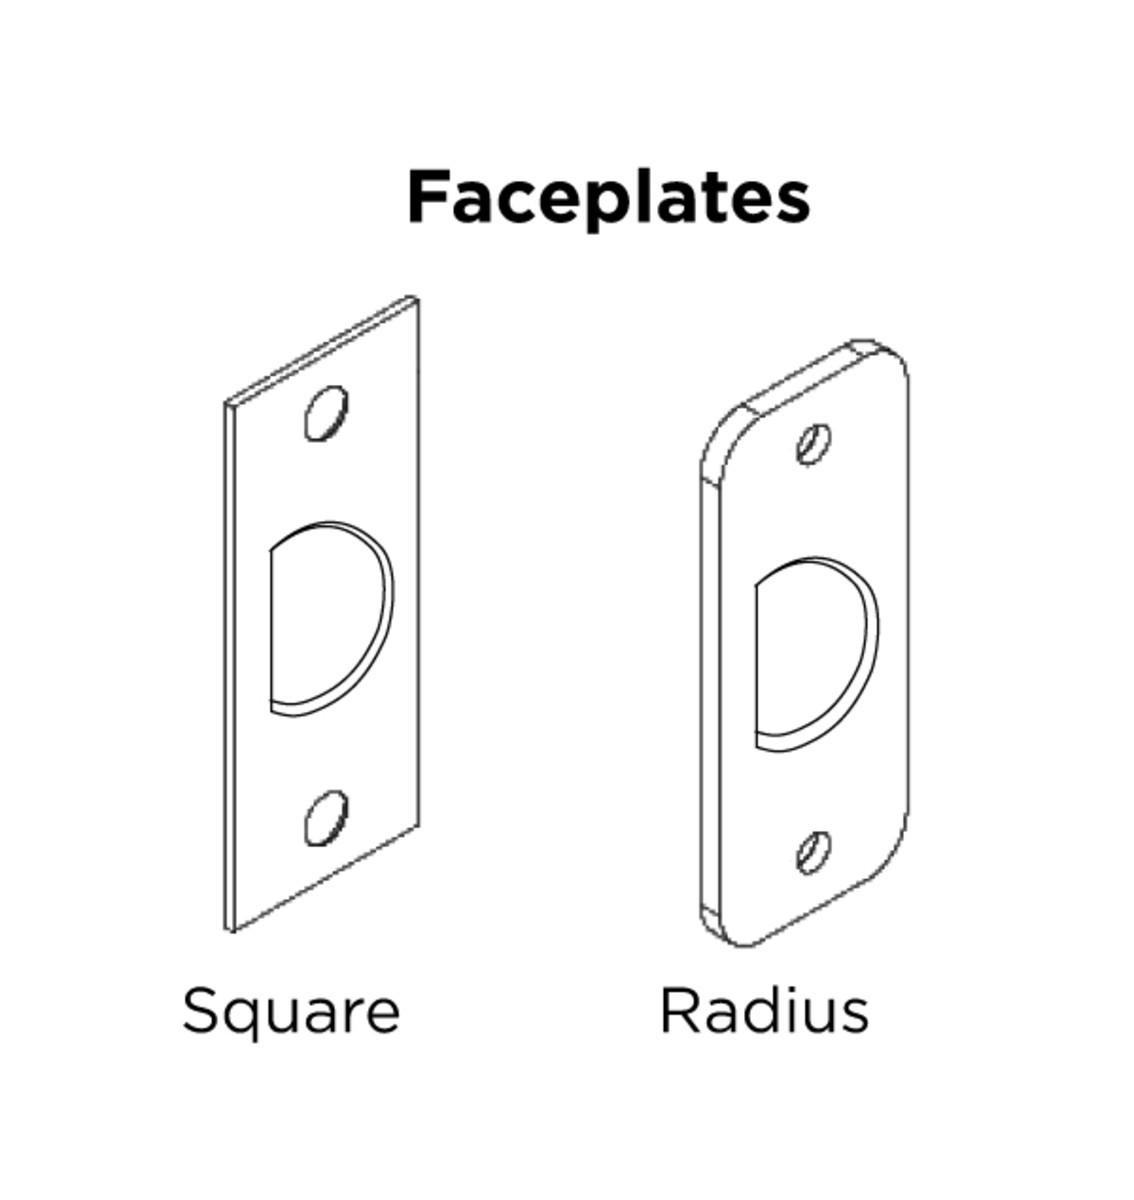 faceplates[5]